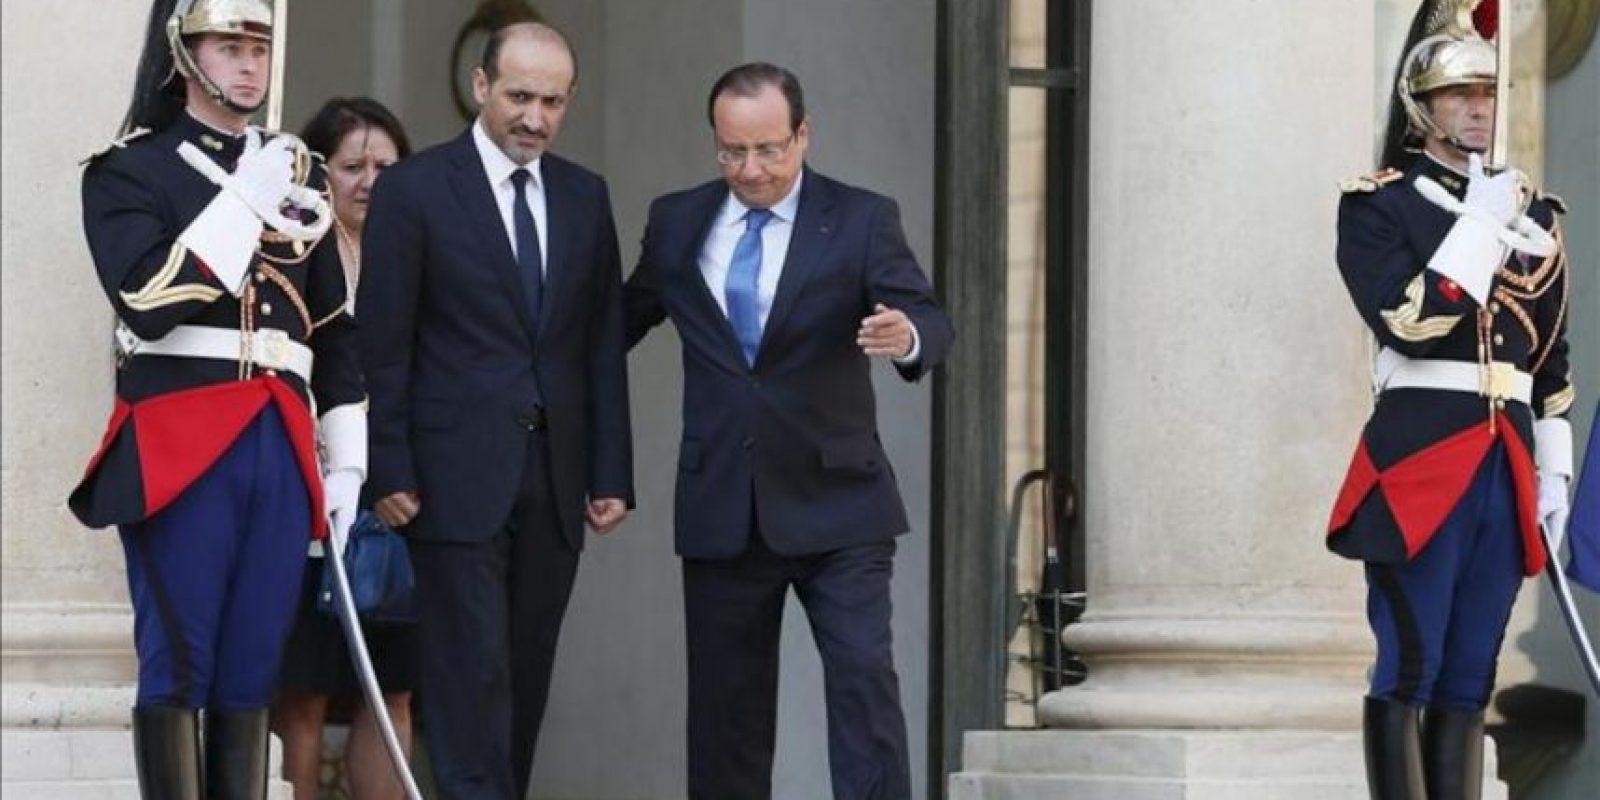 El presidente de Francia, François Hollande (d), acompaña al jefe de la opositora Coalición Nacional Siria (CNFROS), Ahmad Yarba, durante su reunión para discutir la situación actual en Siria, en el Palacio del Elíseo de París (Francia). EFE